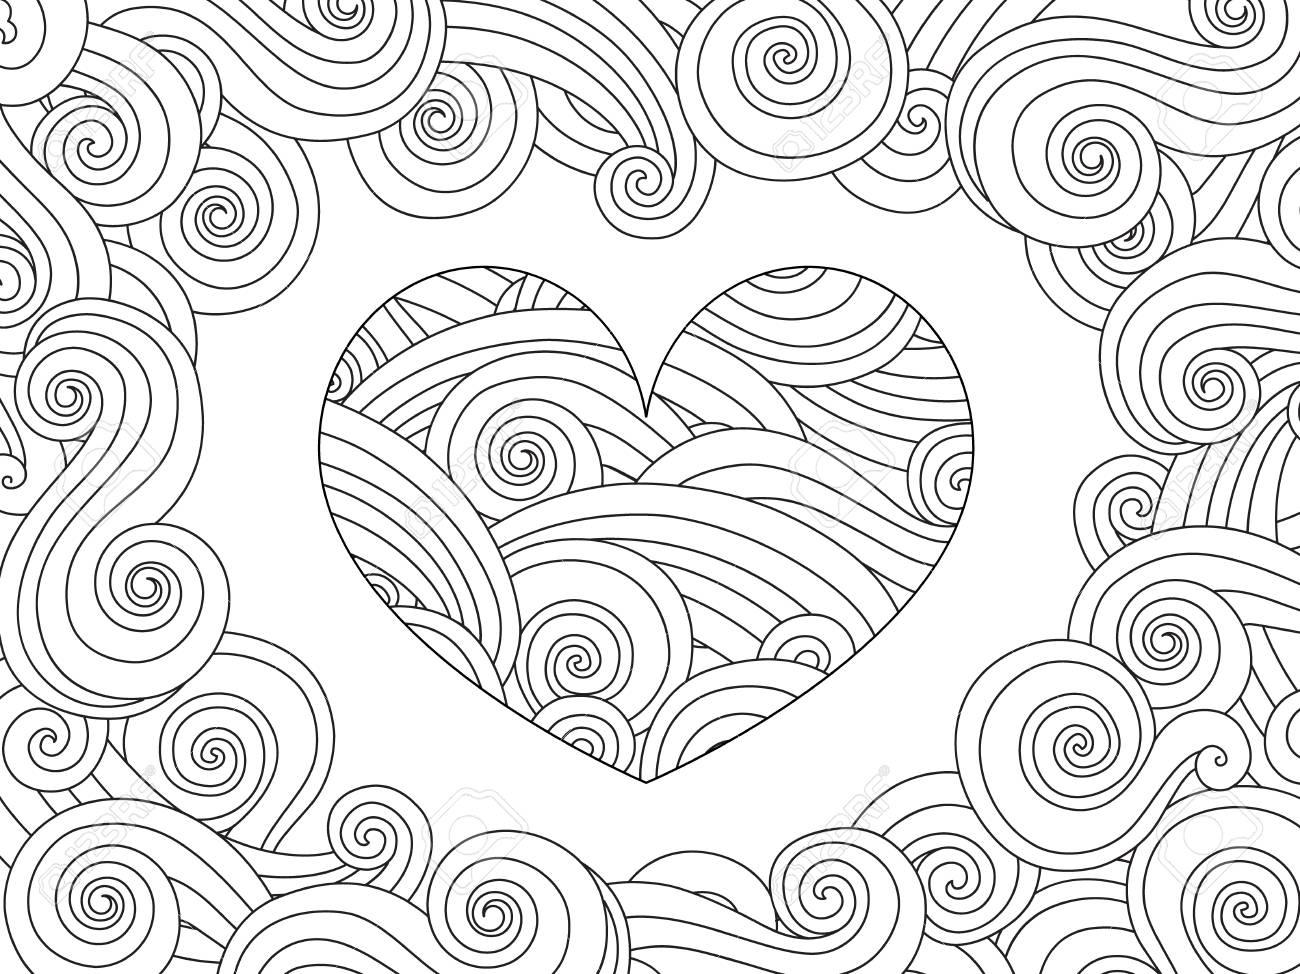 Dibujo Para Colorear Con El Corazón Y Ola Rizado Adorno. Tarjeta ...